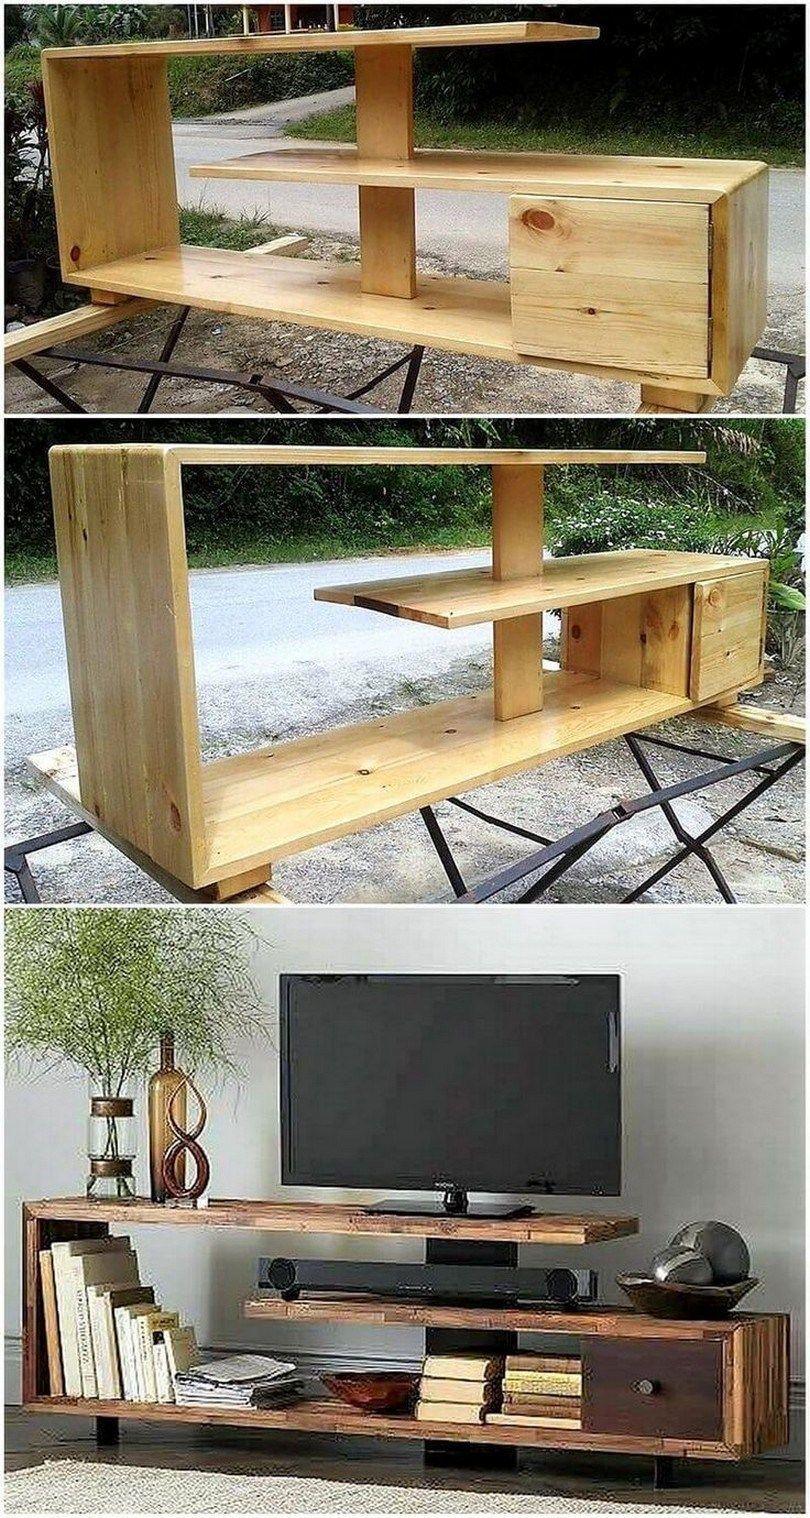 61 Sommer DIY Projekte Pallet TV Stand #diyhomedecor #homedecor #diyprojectspall ...#diy #diyhomedecor #diyprojectspall #homedecor #pallet #projekte #sommer #stand